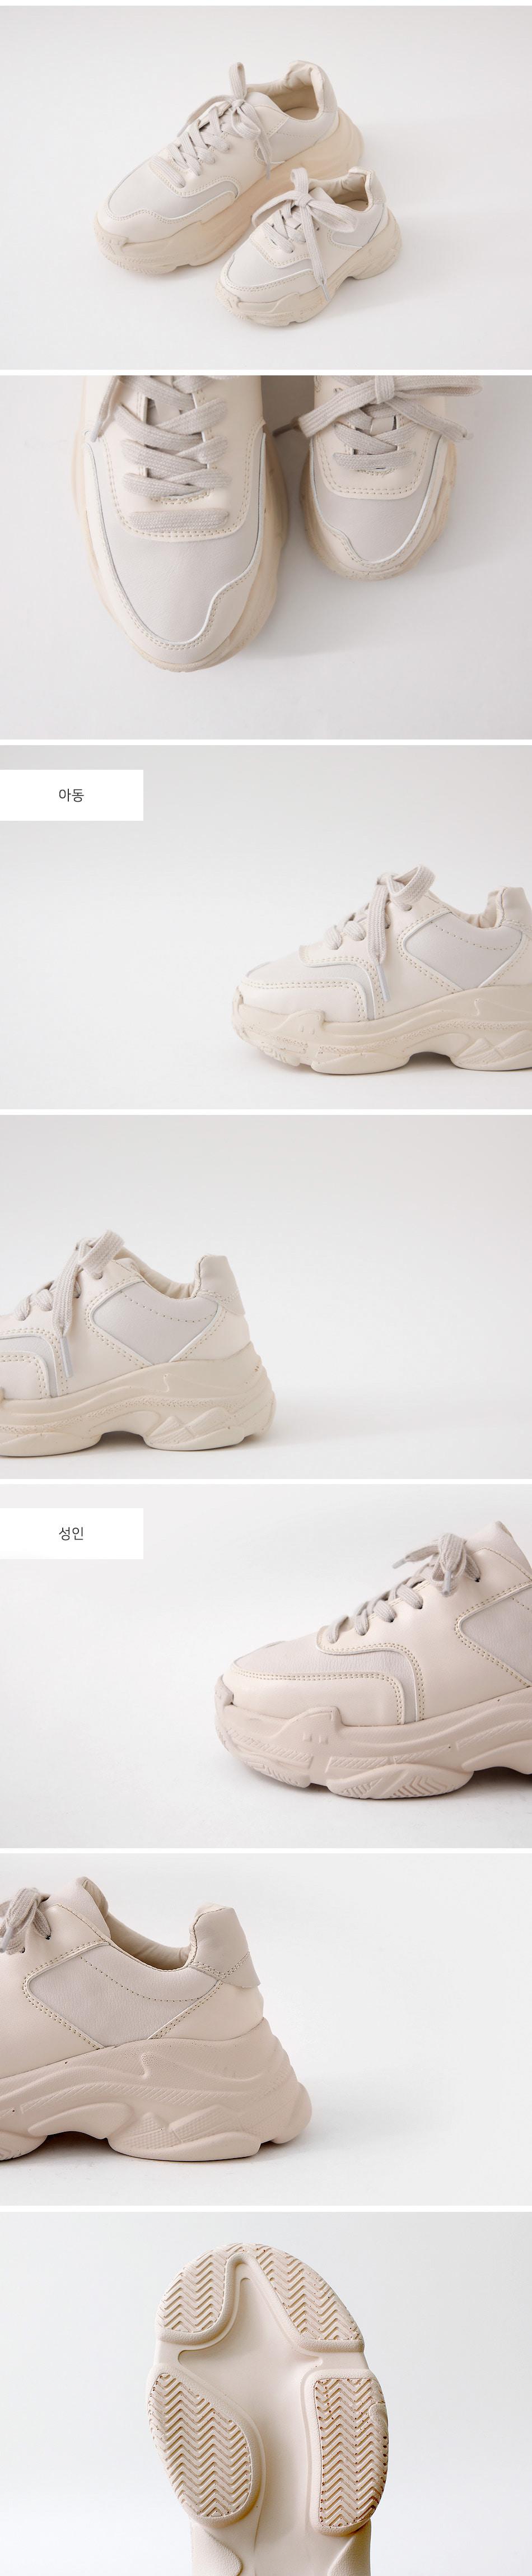 Street ugly sneakers 5cm